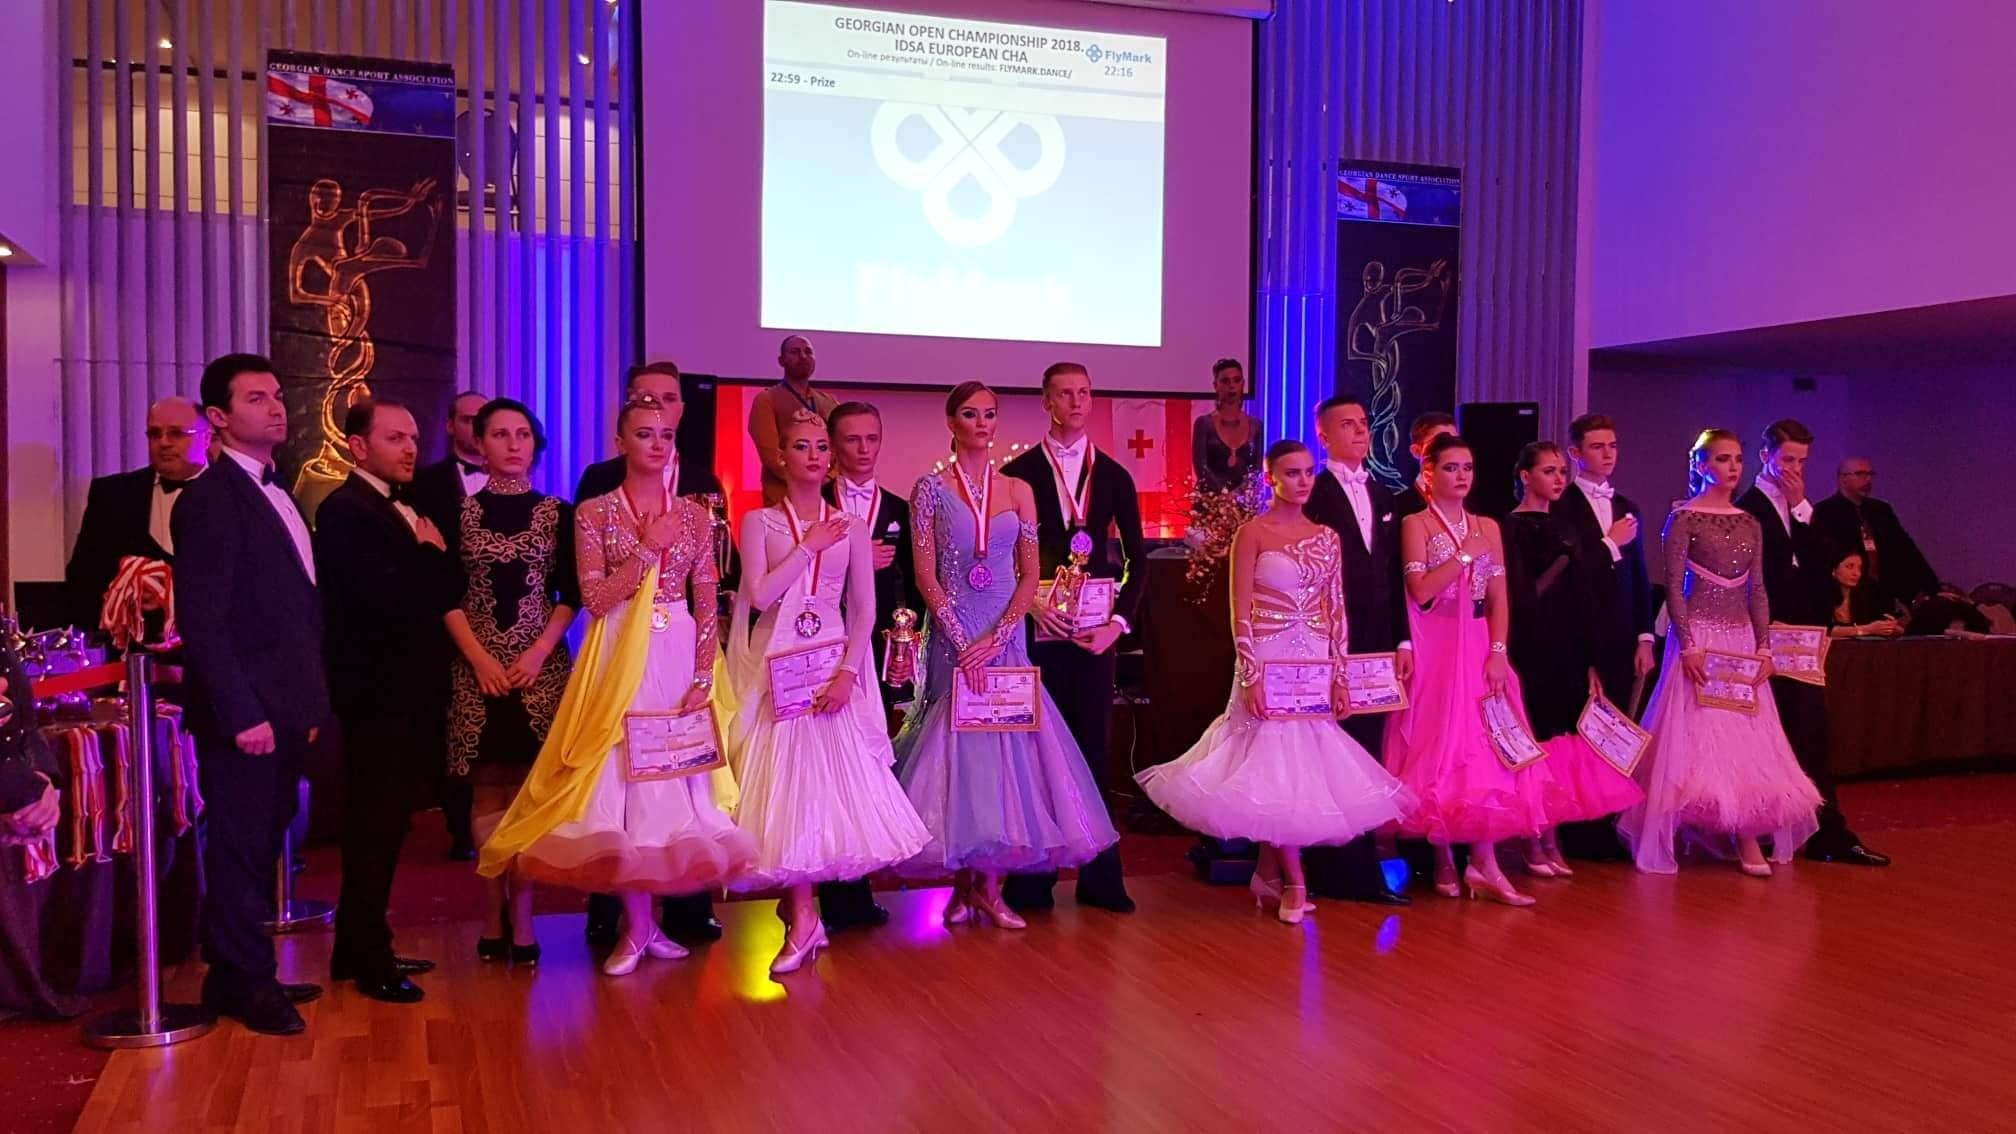 Чемпіонат Європи зі спортивних танців, Грузія. Фото